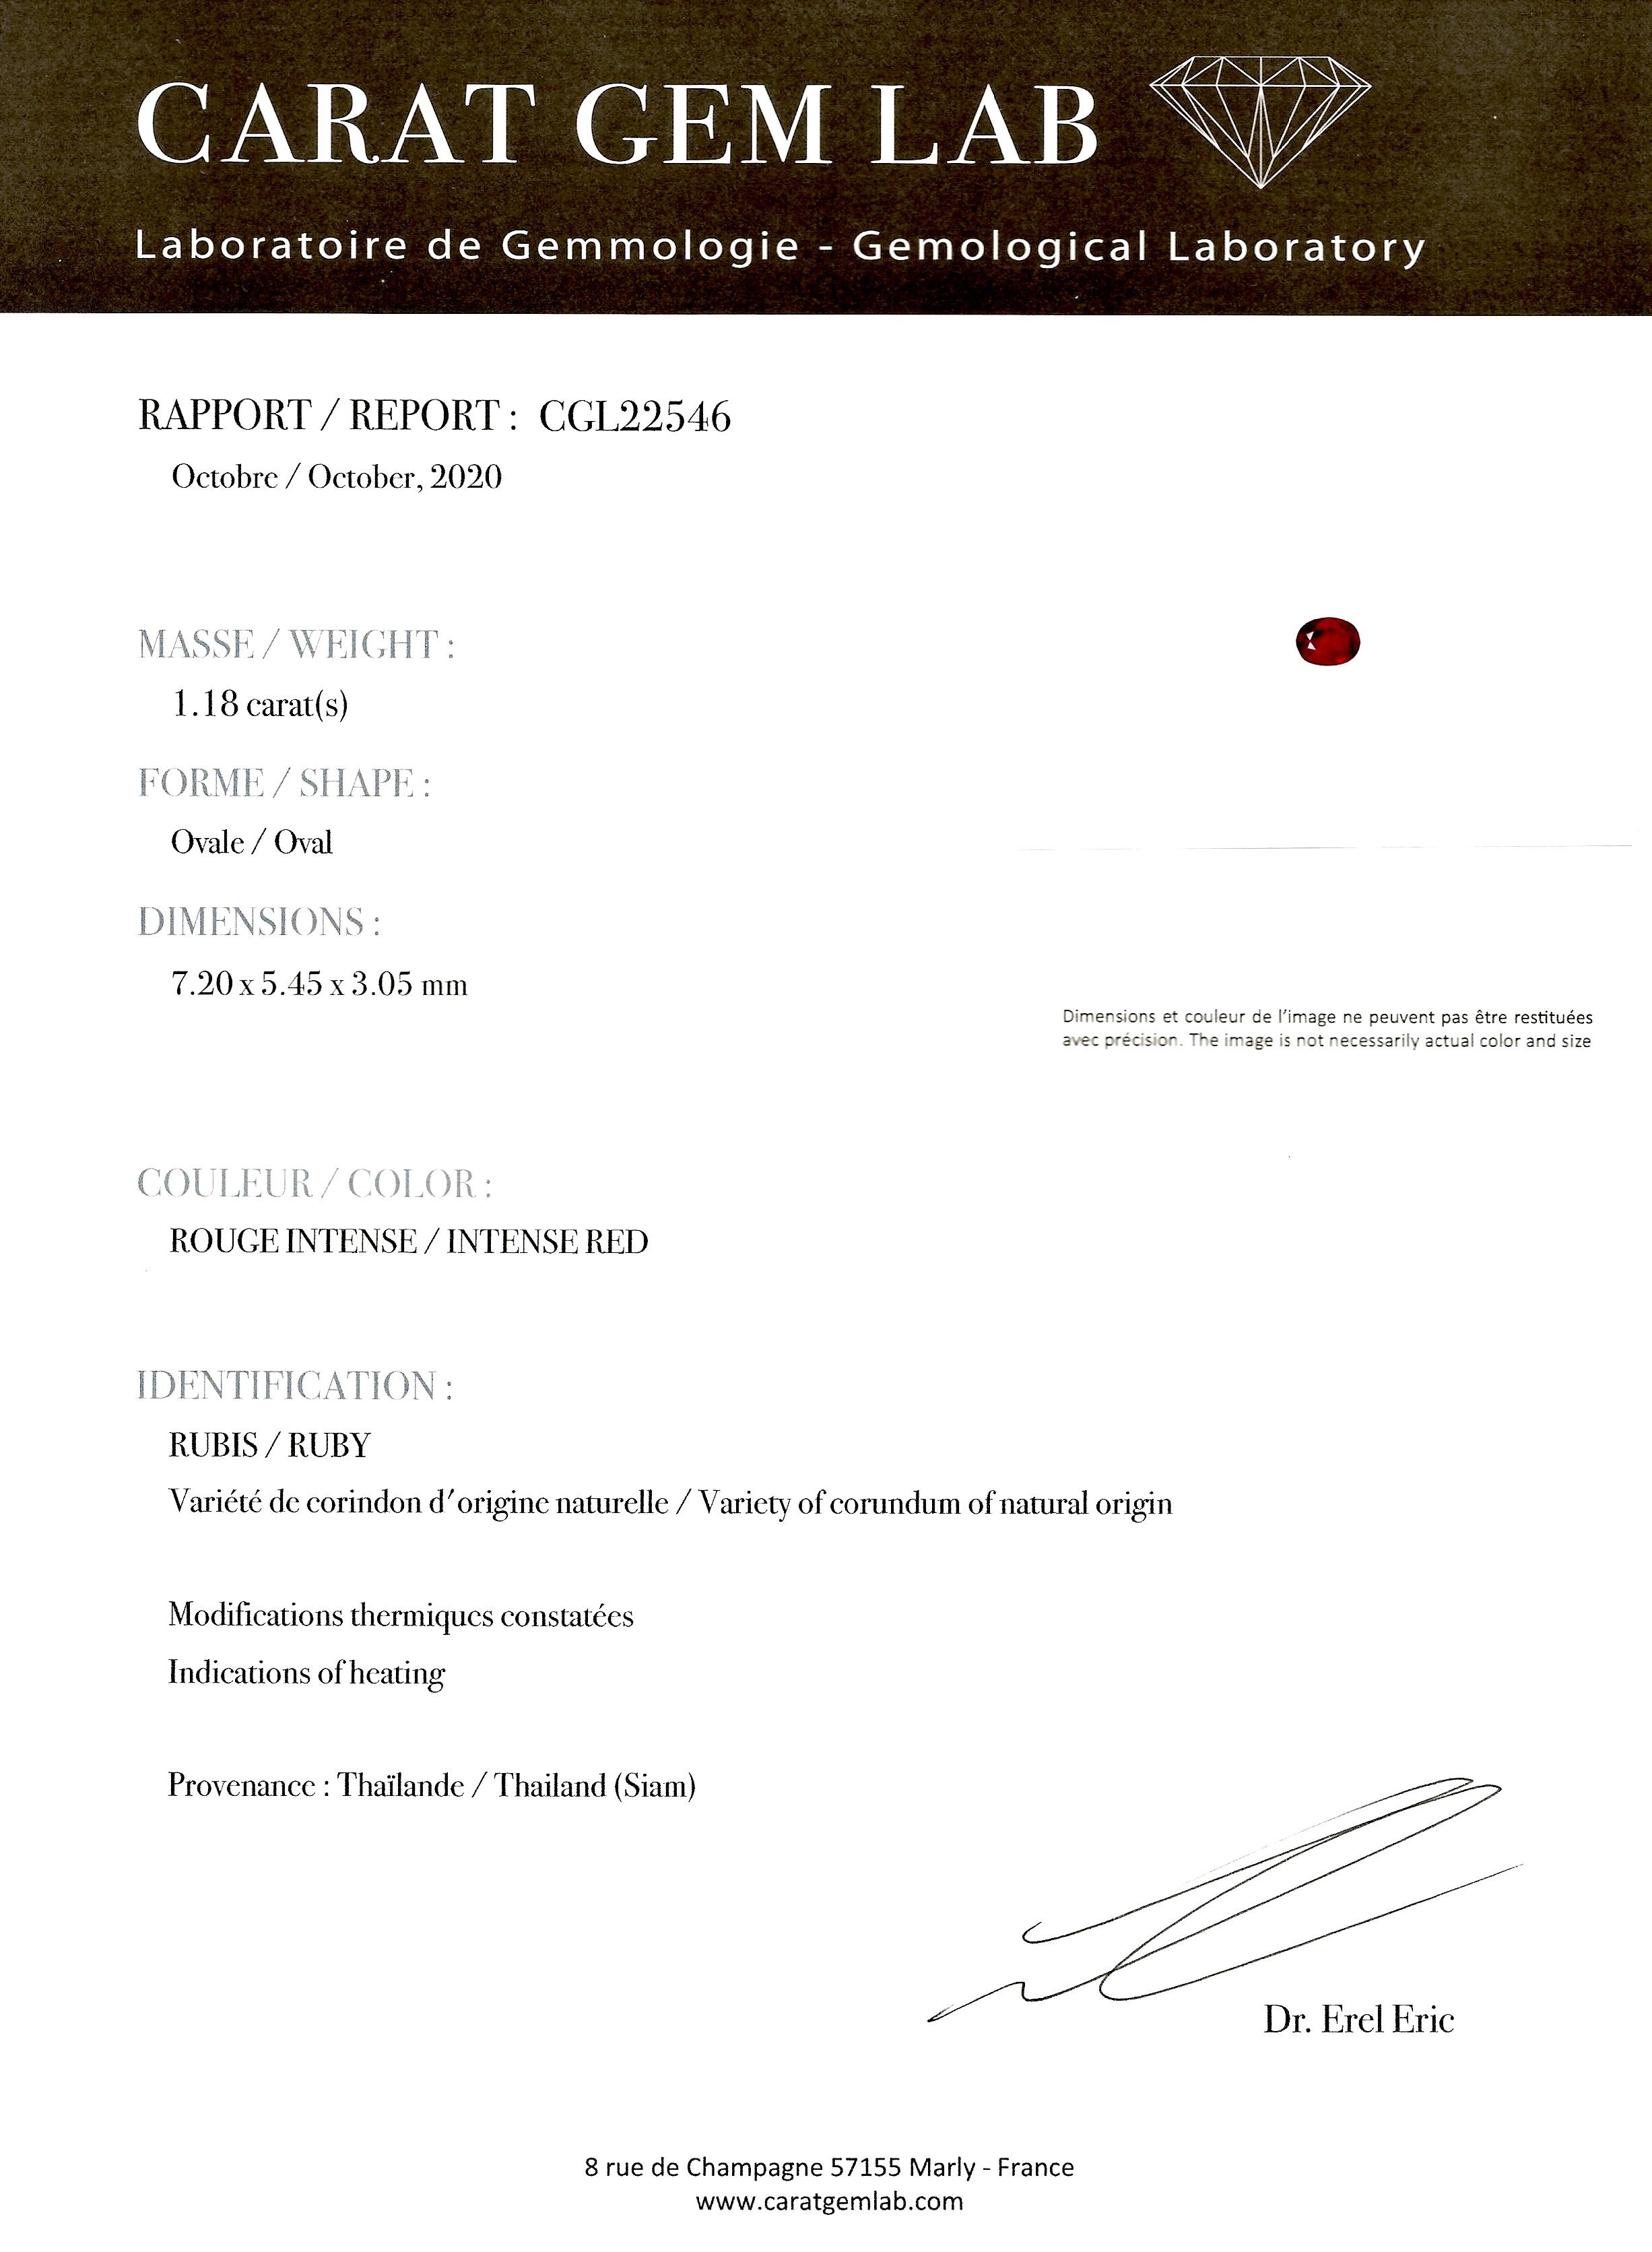 Bague vintage rubis, rouge intense (certificat laboratoire CGL) diamants, vers 1950-4